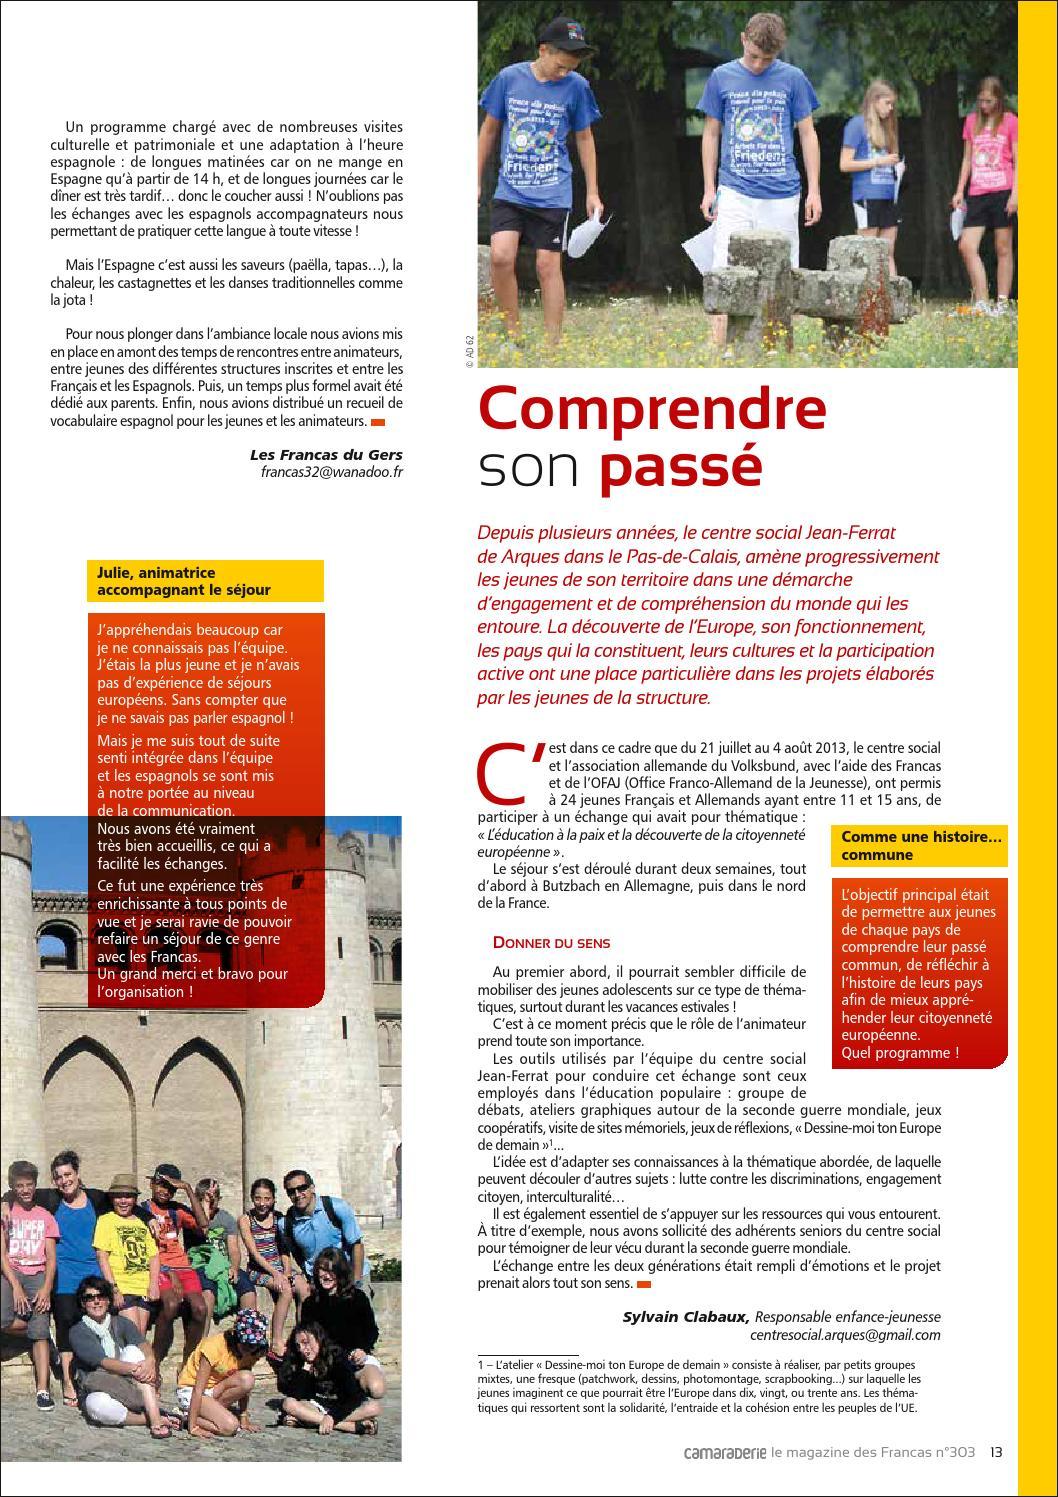 rencontres vocabulaire espagnol sites de rencontres gratuits à Bulawayo